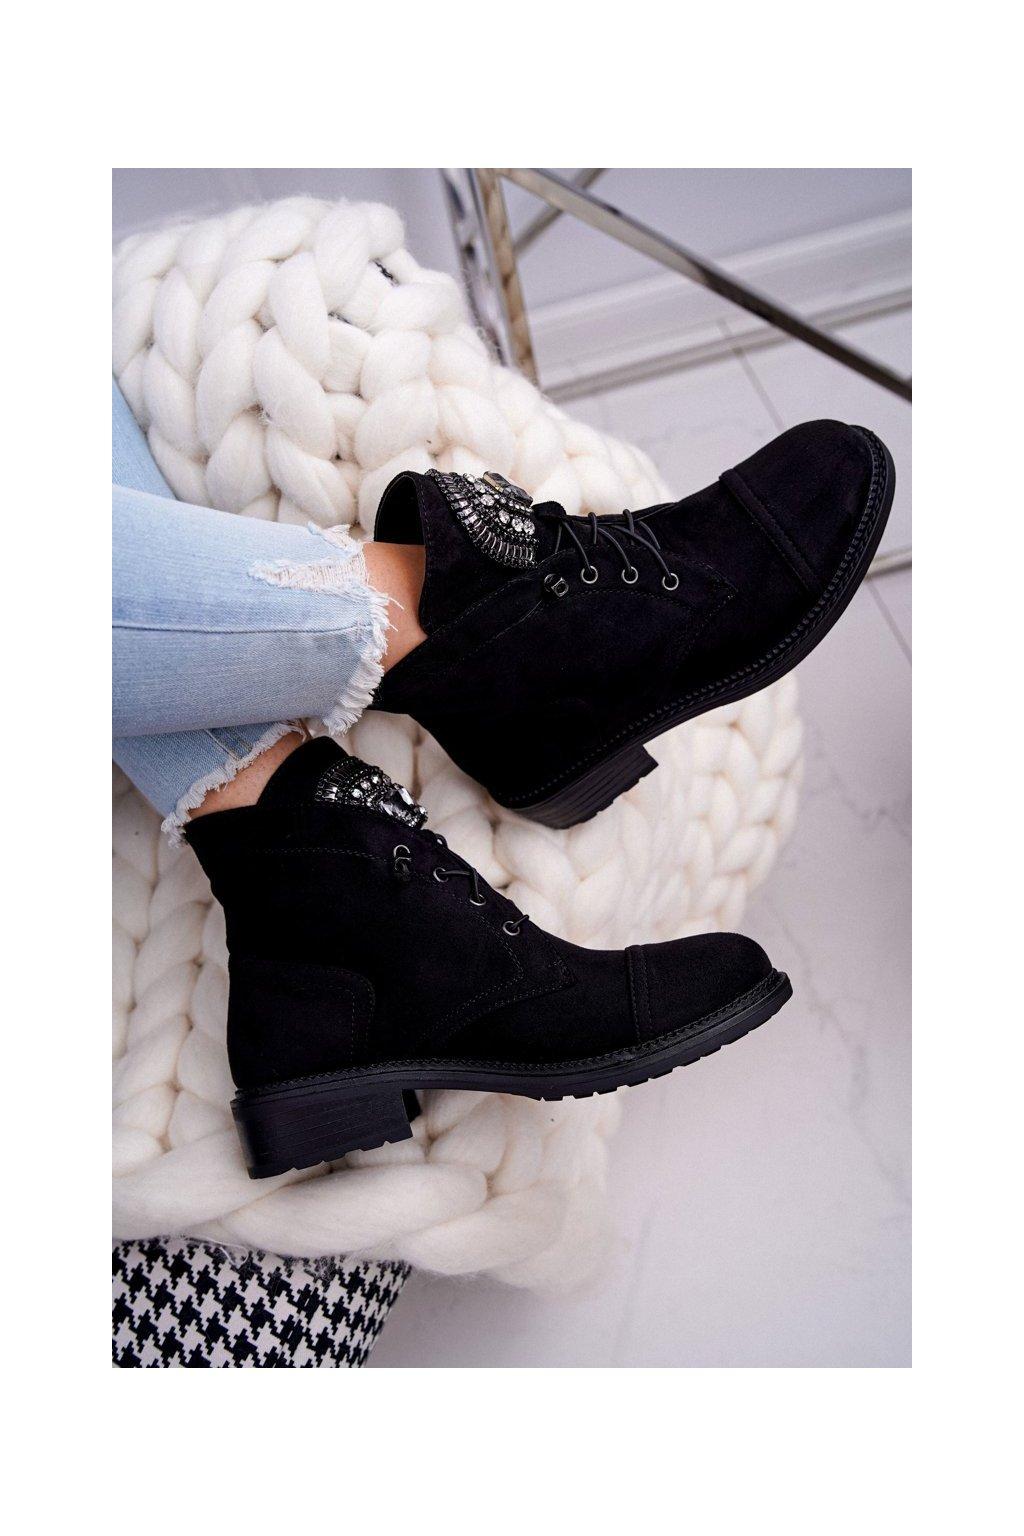 Členkové topánky na podpätku farba čierna NJSK E9315 BLK